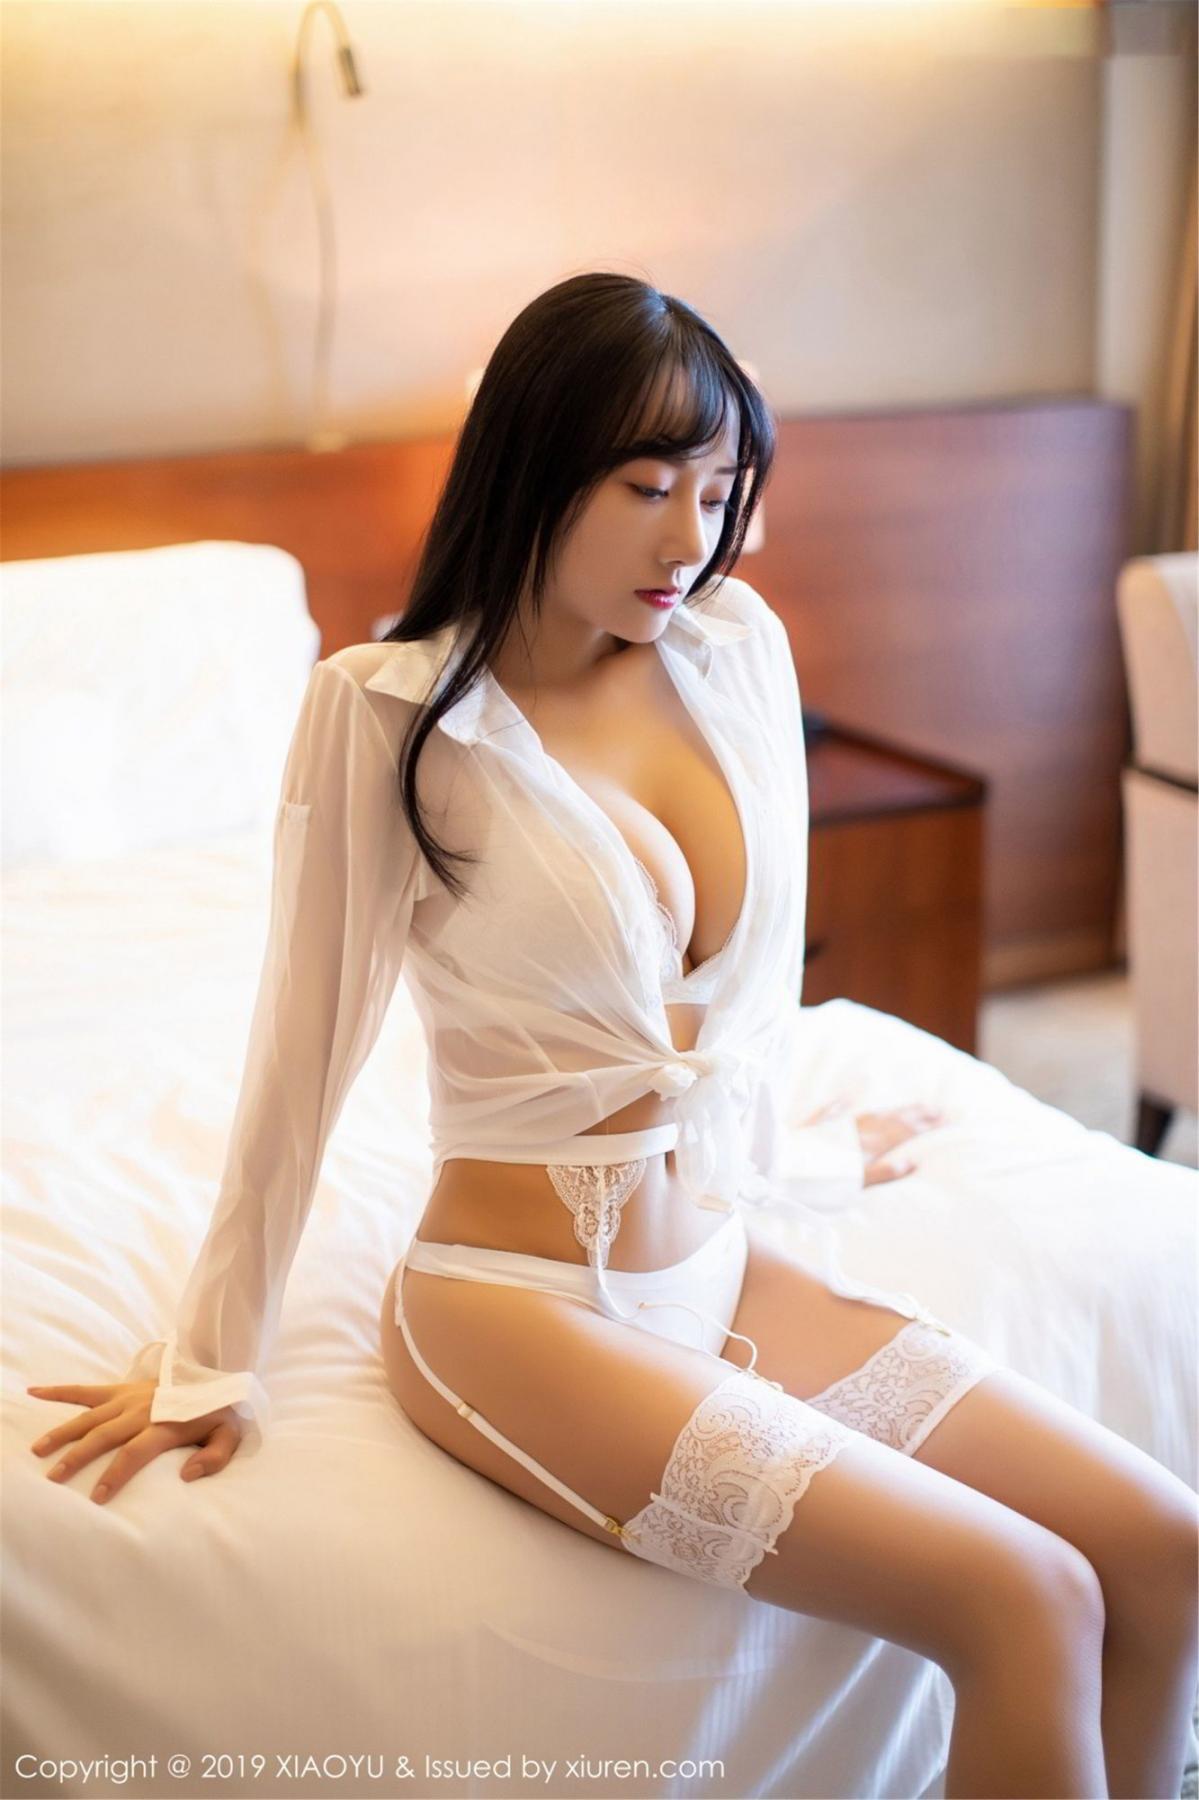 [XiaoYu] Vol.076 He Jia Ying 9P, He Jia Ying, Underwear, XiaoYu